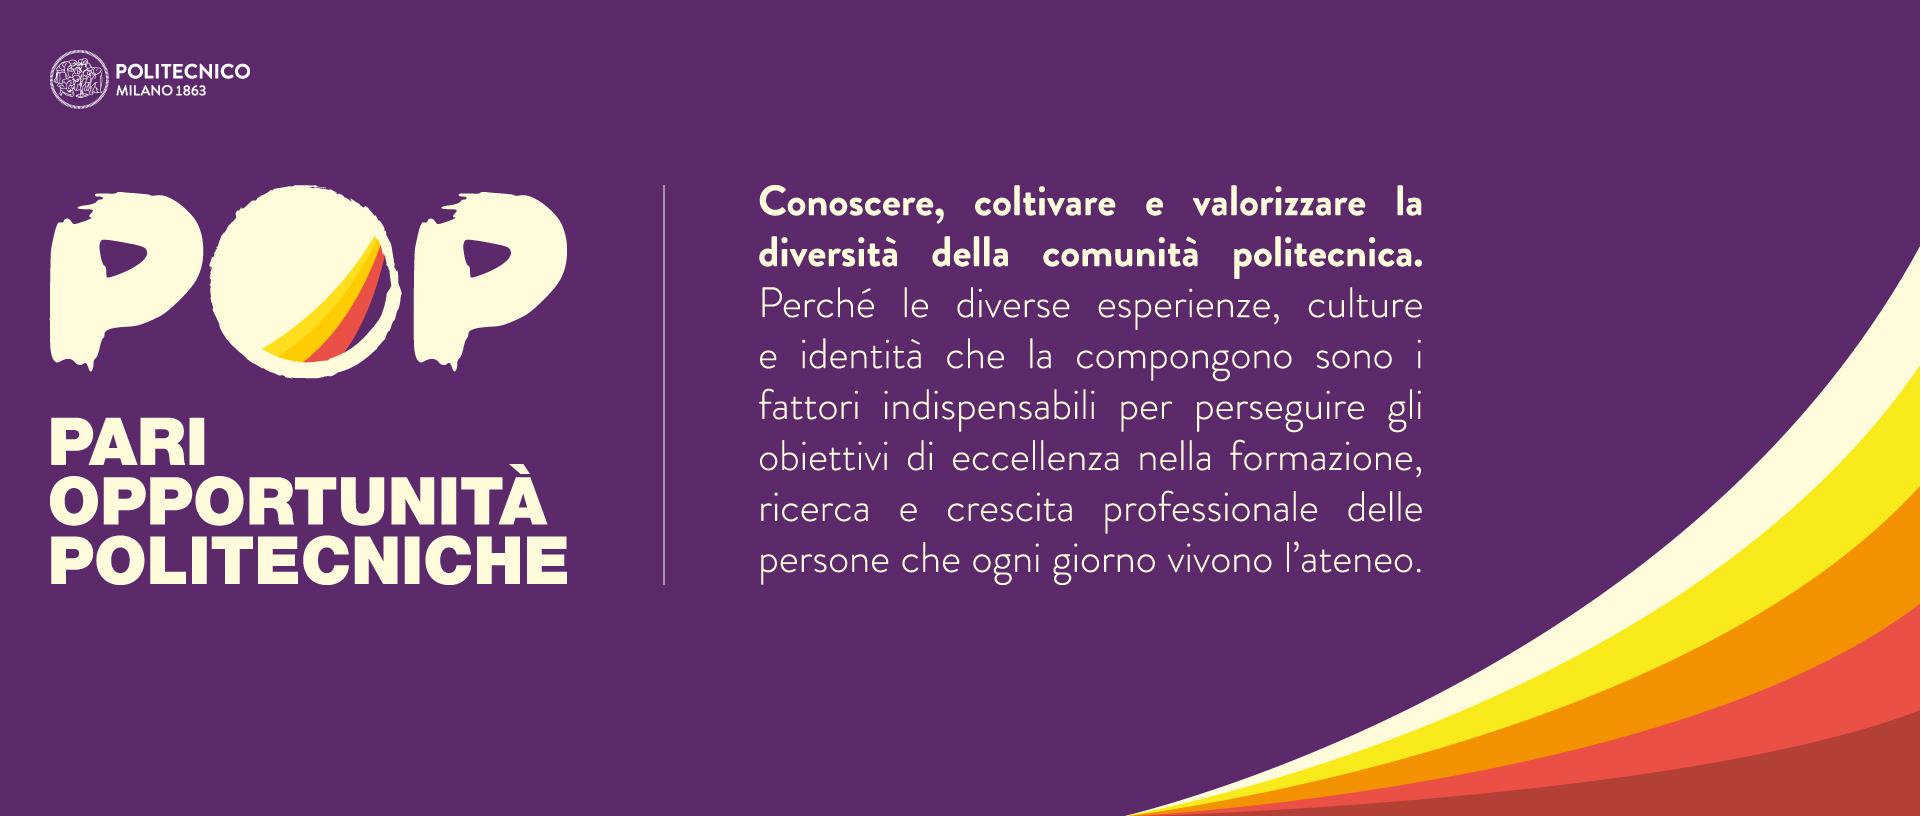 Politecnico Milano Calendario.Politecnico Di Milano Pari Opportunita Politecniche Pop